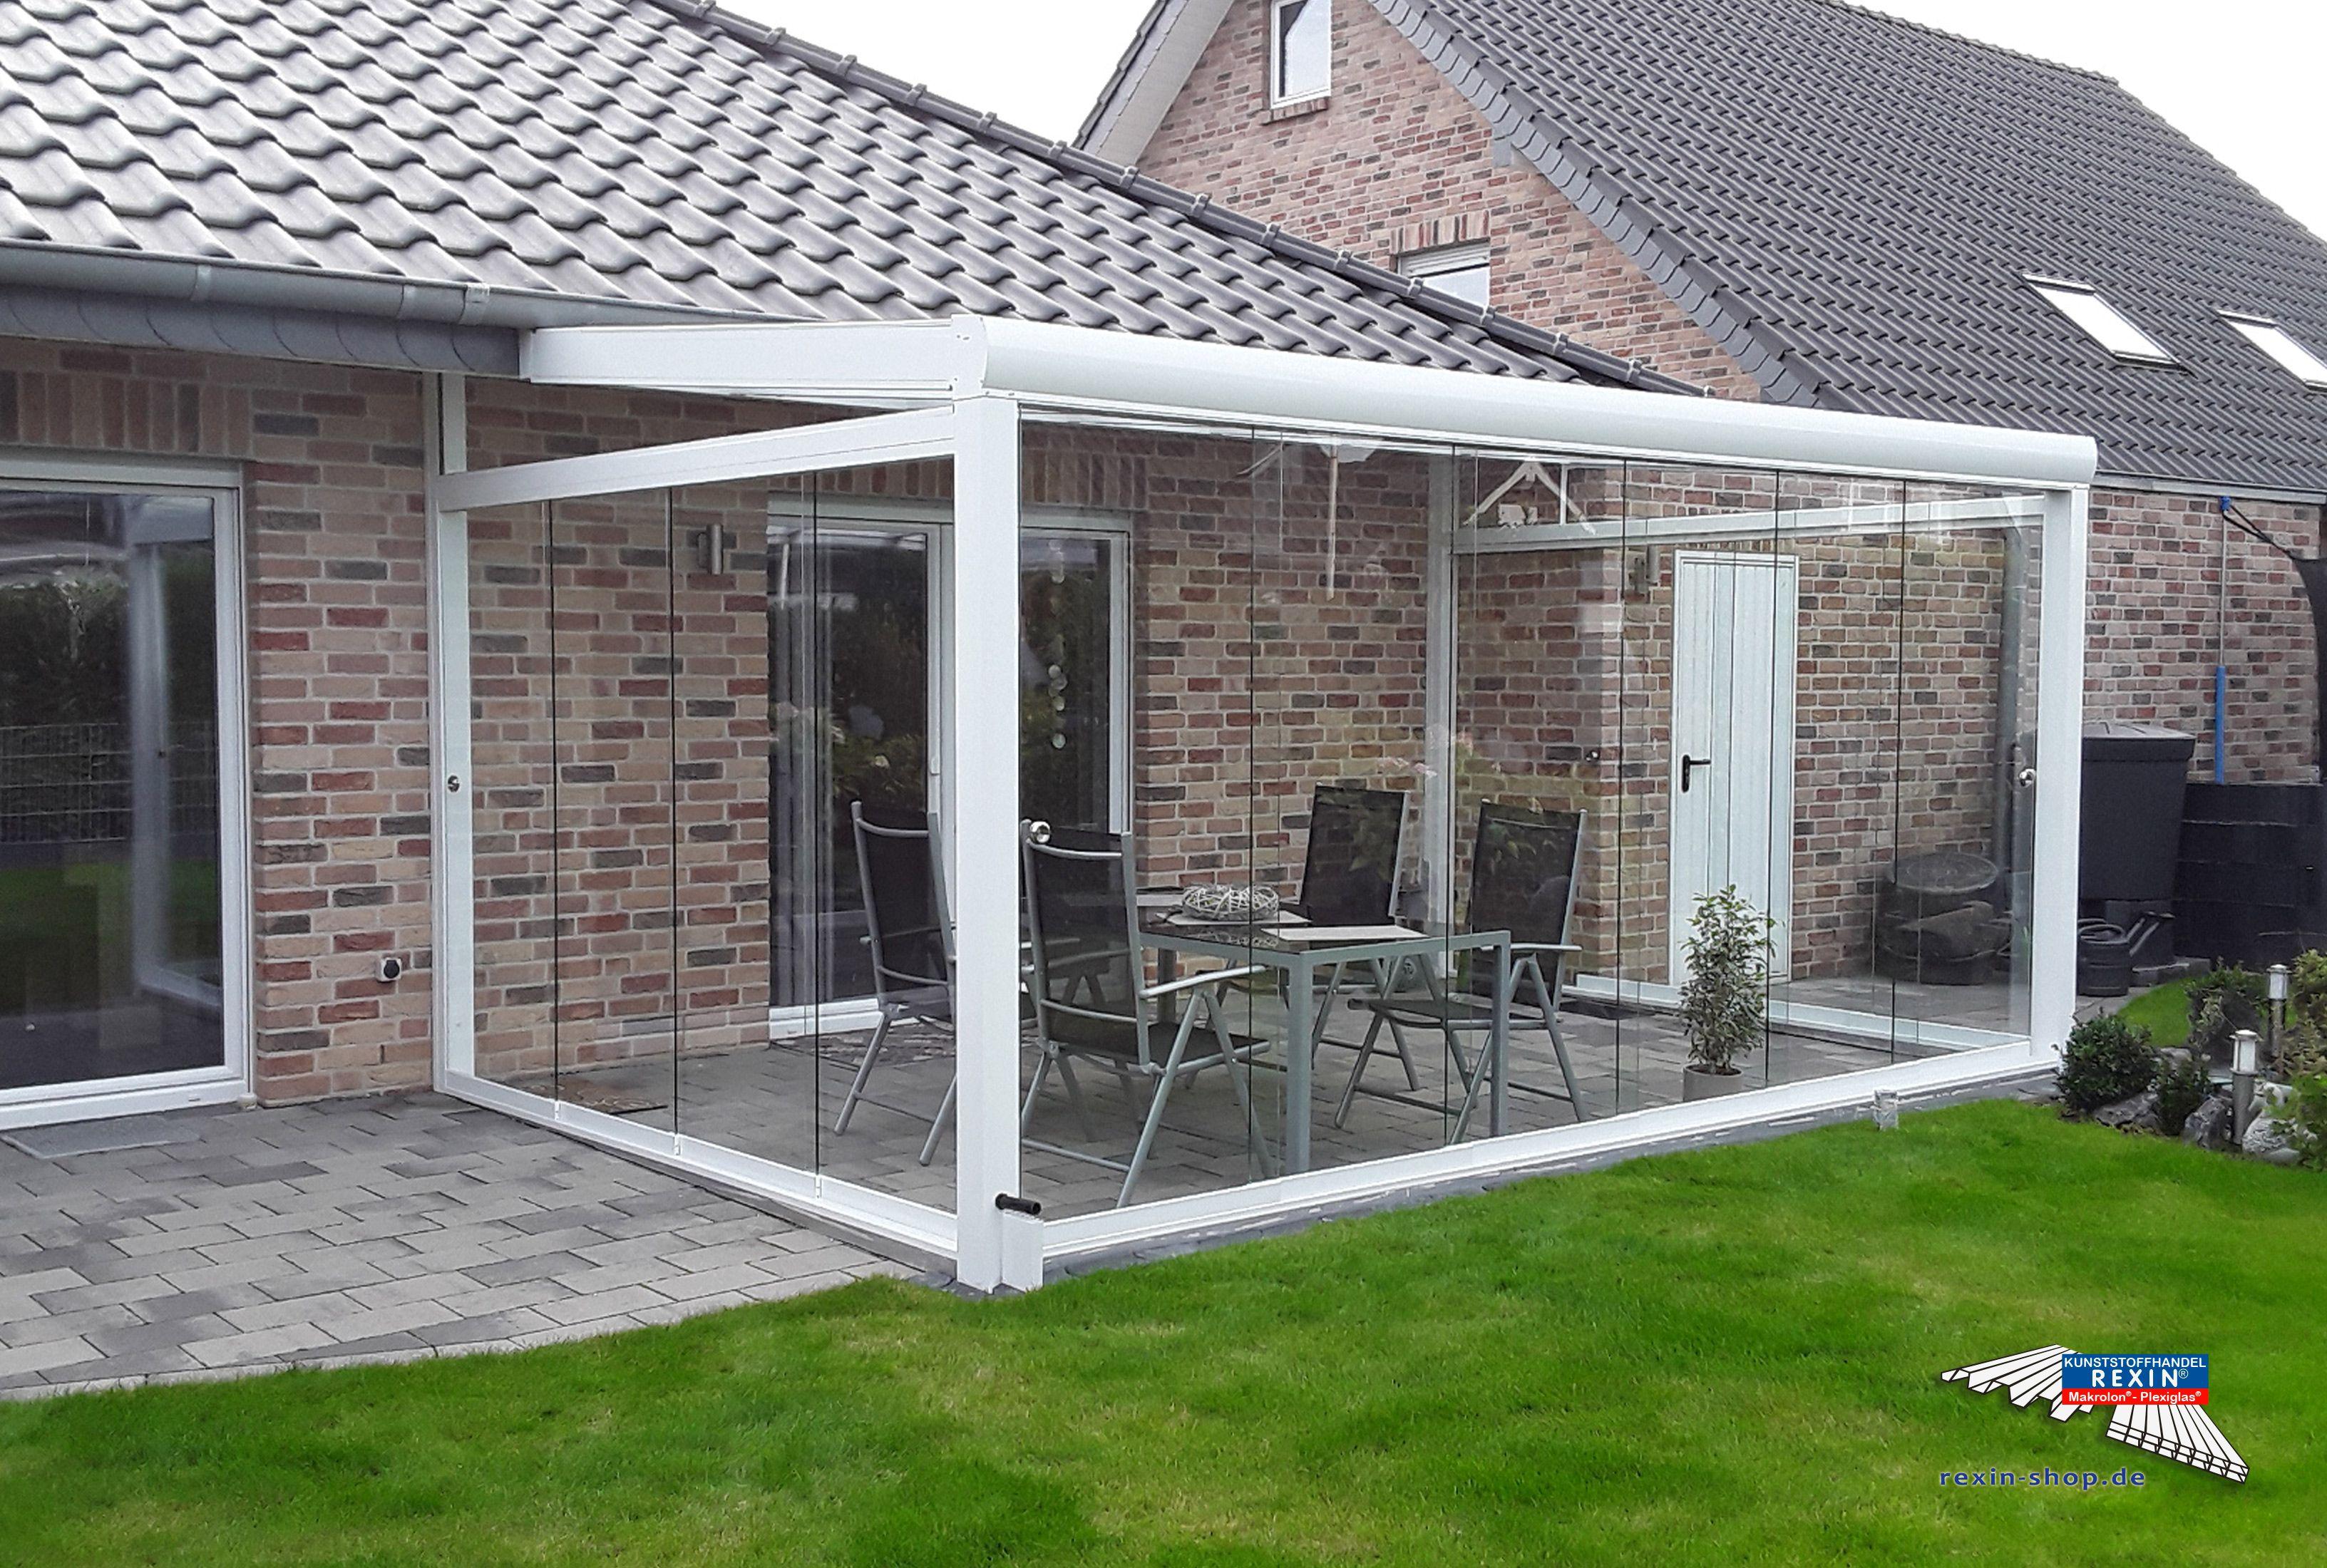 Terrassendach Aus Aluminium Mit Vsg Glas Kompl Neu ~ Terrassendach m alu anthrazit vsg glas mm terrasse